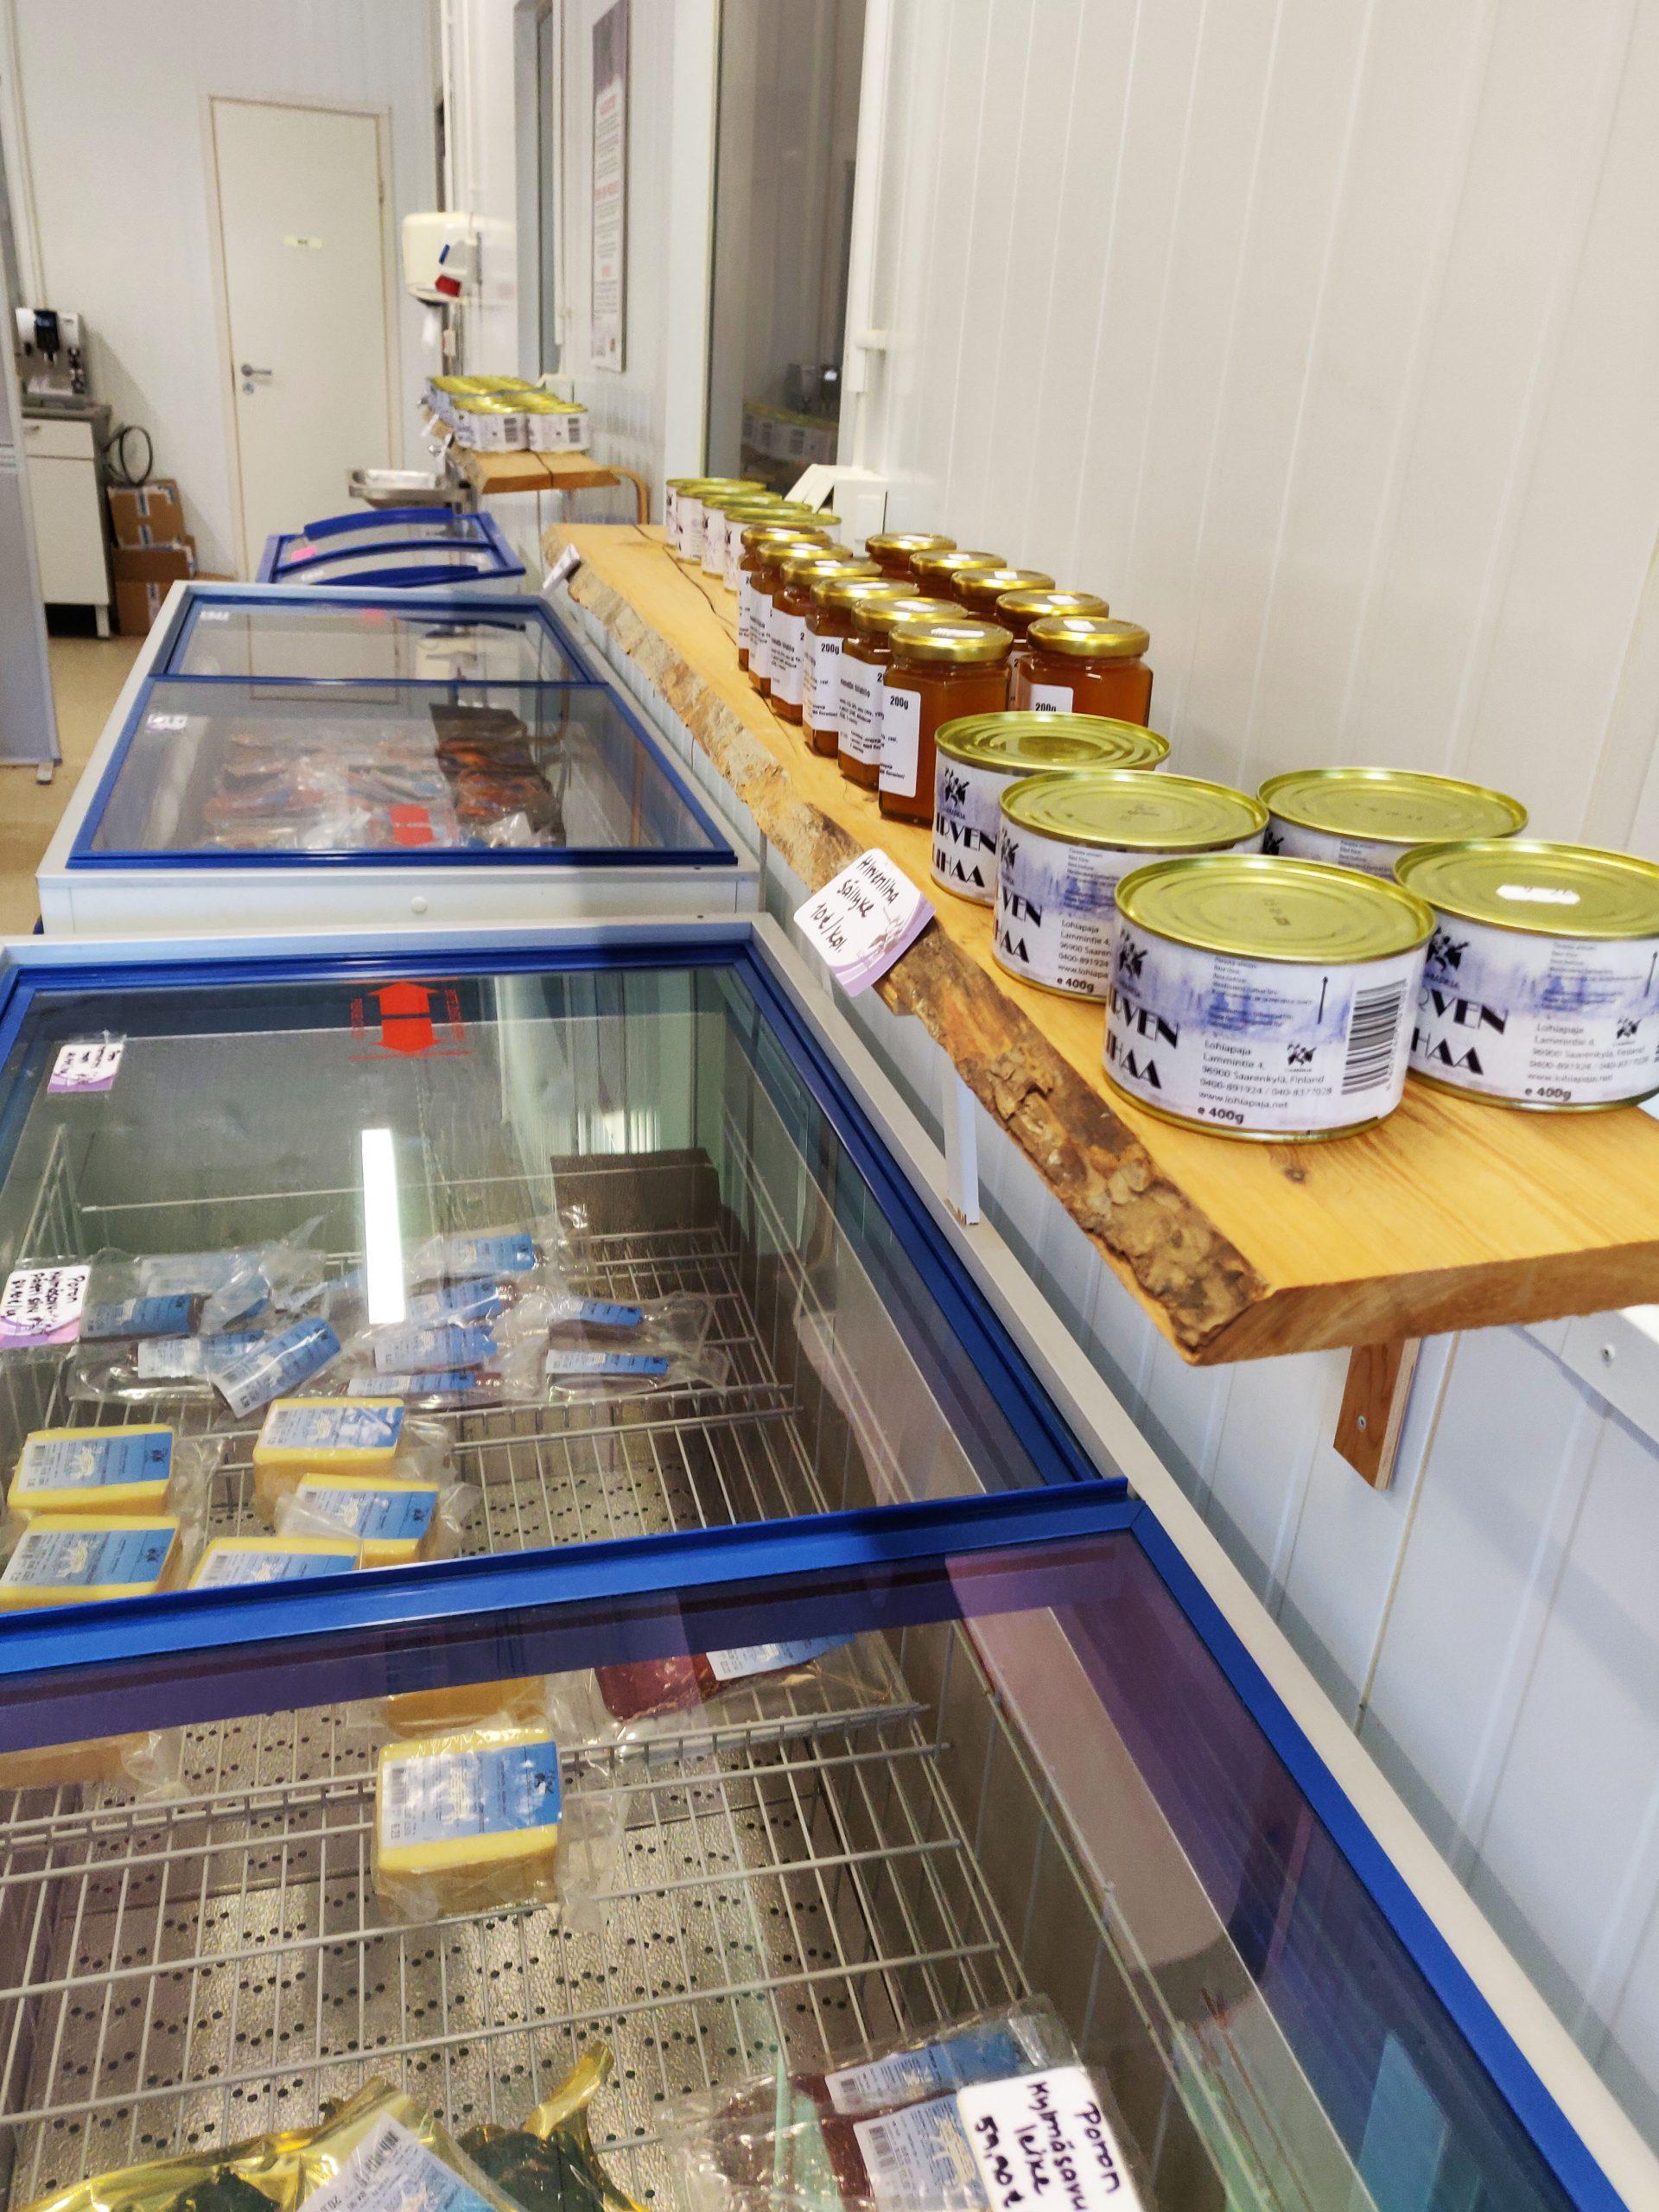 Lohiapajan myymälätuotteita hyllyssä ja kylmäaltaassa.